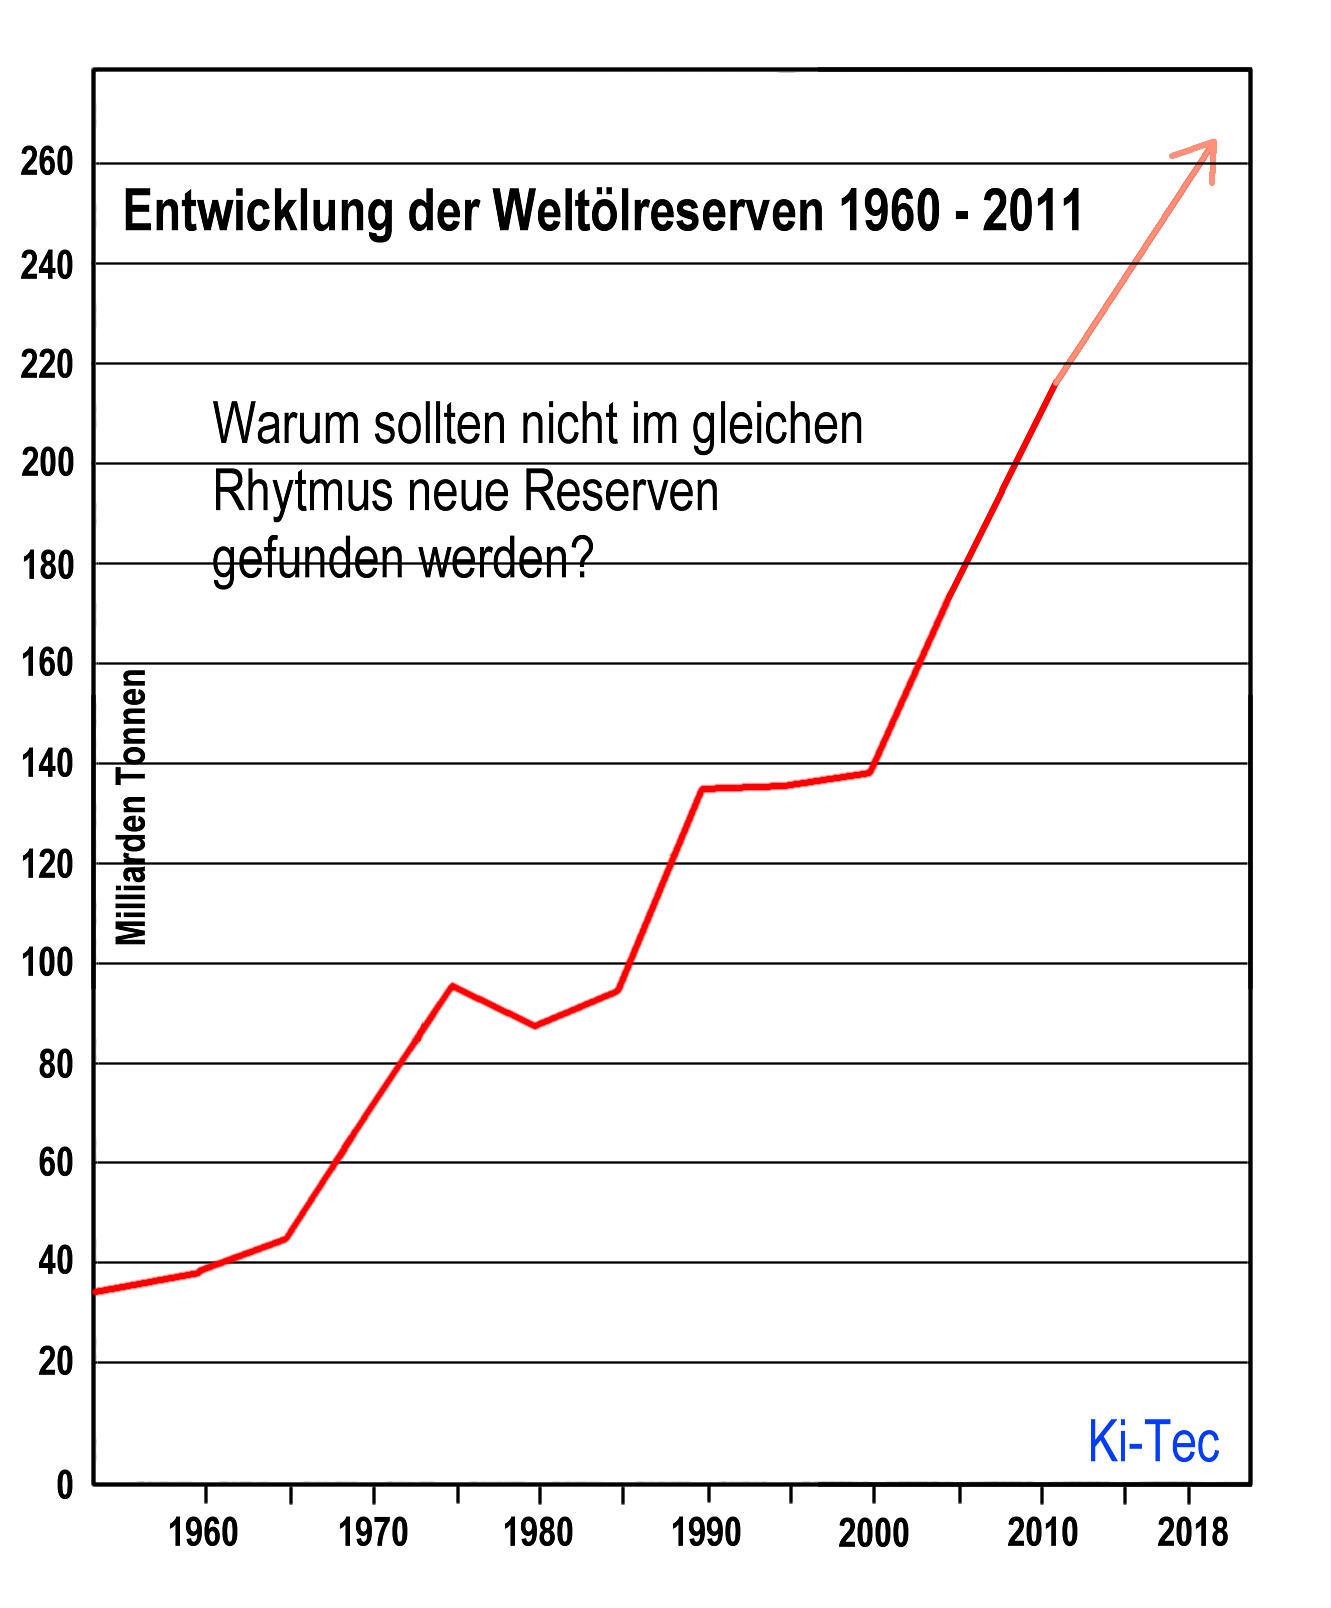 Entwicklung der Weltölreserven von 160 bis 2011 Killus-Technik.de